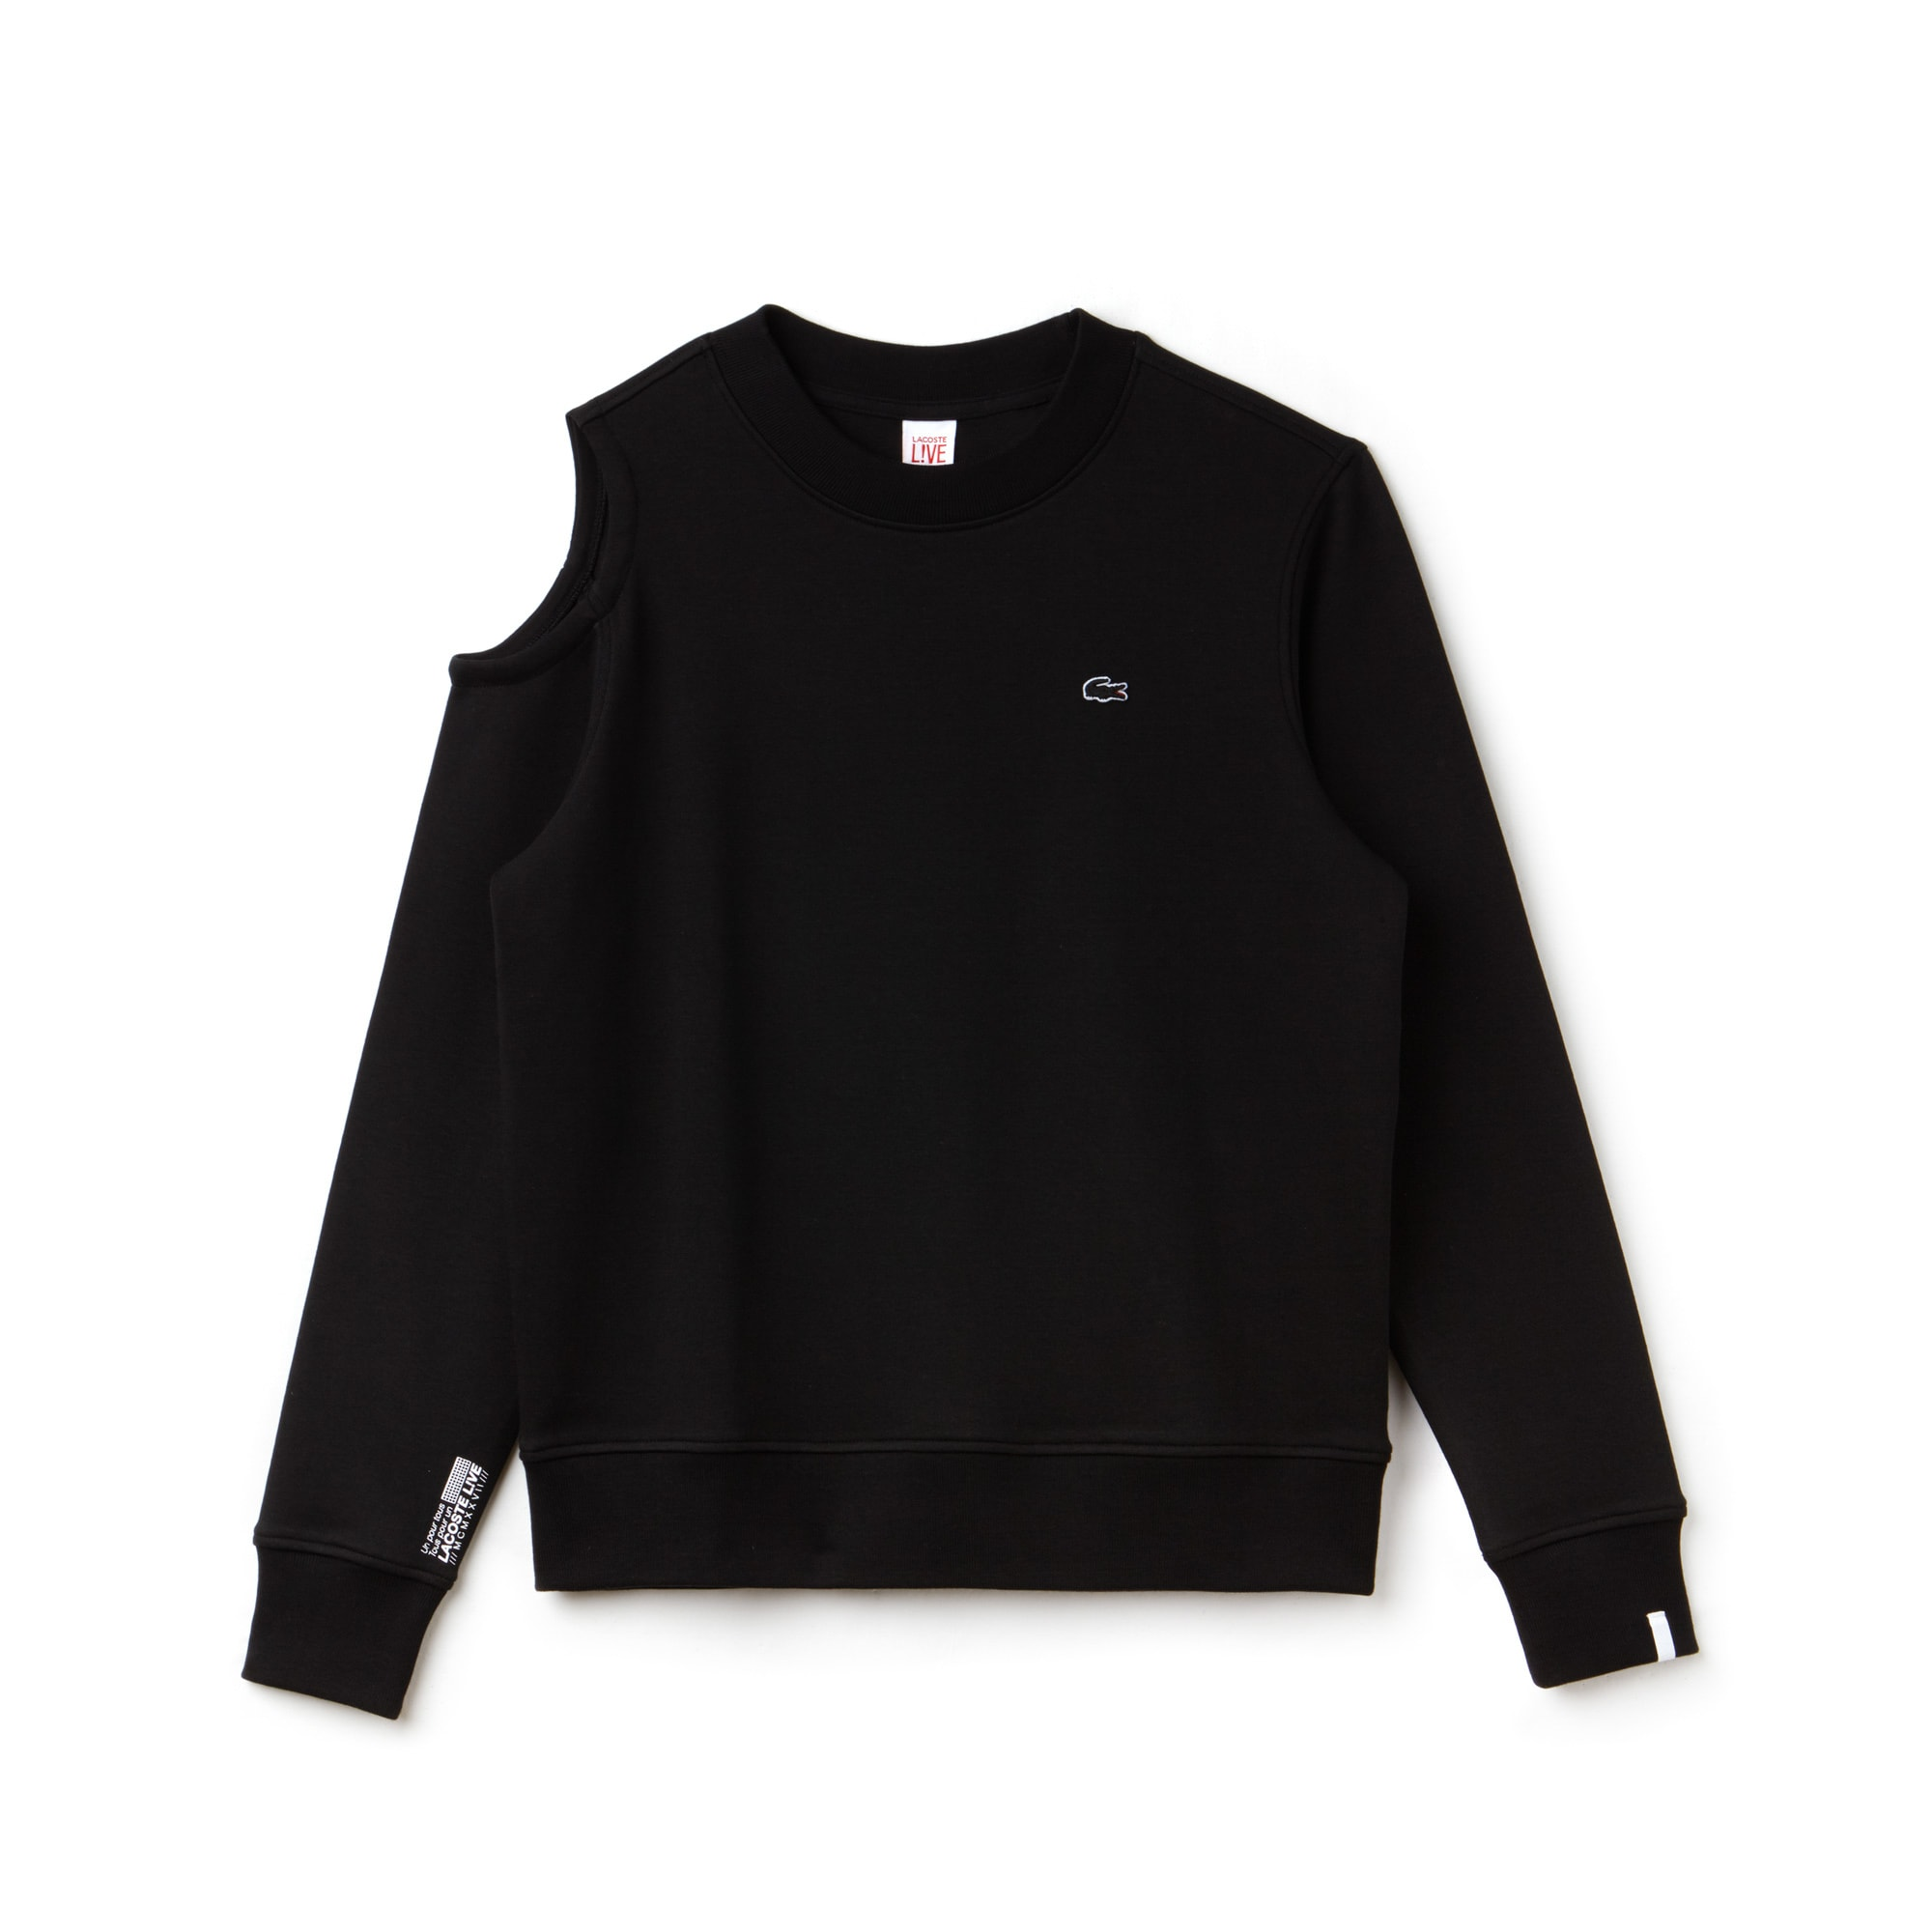 Lacoste LIVE-sweatshirt dames asymmetrisch interlock met uitsnede